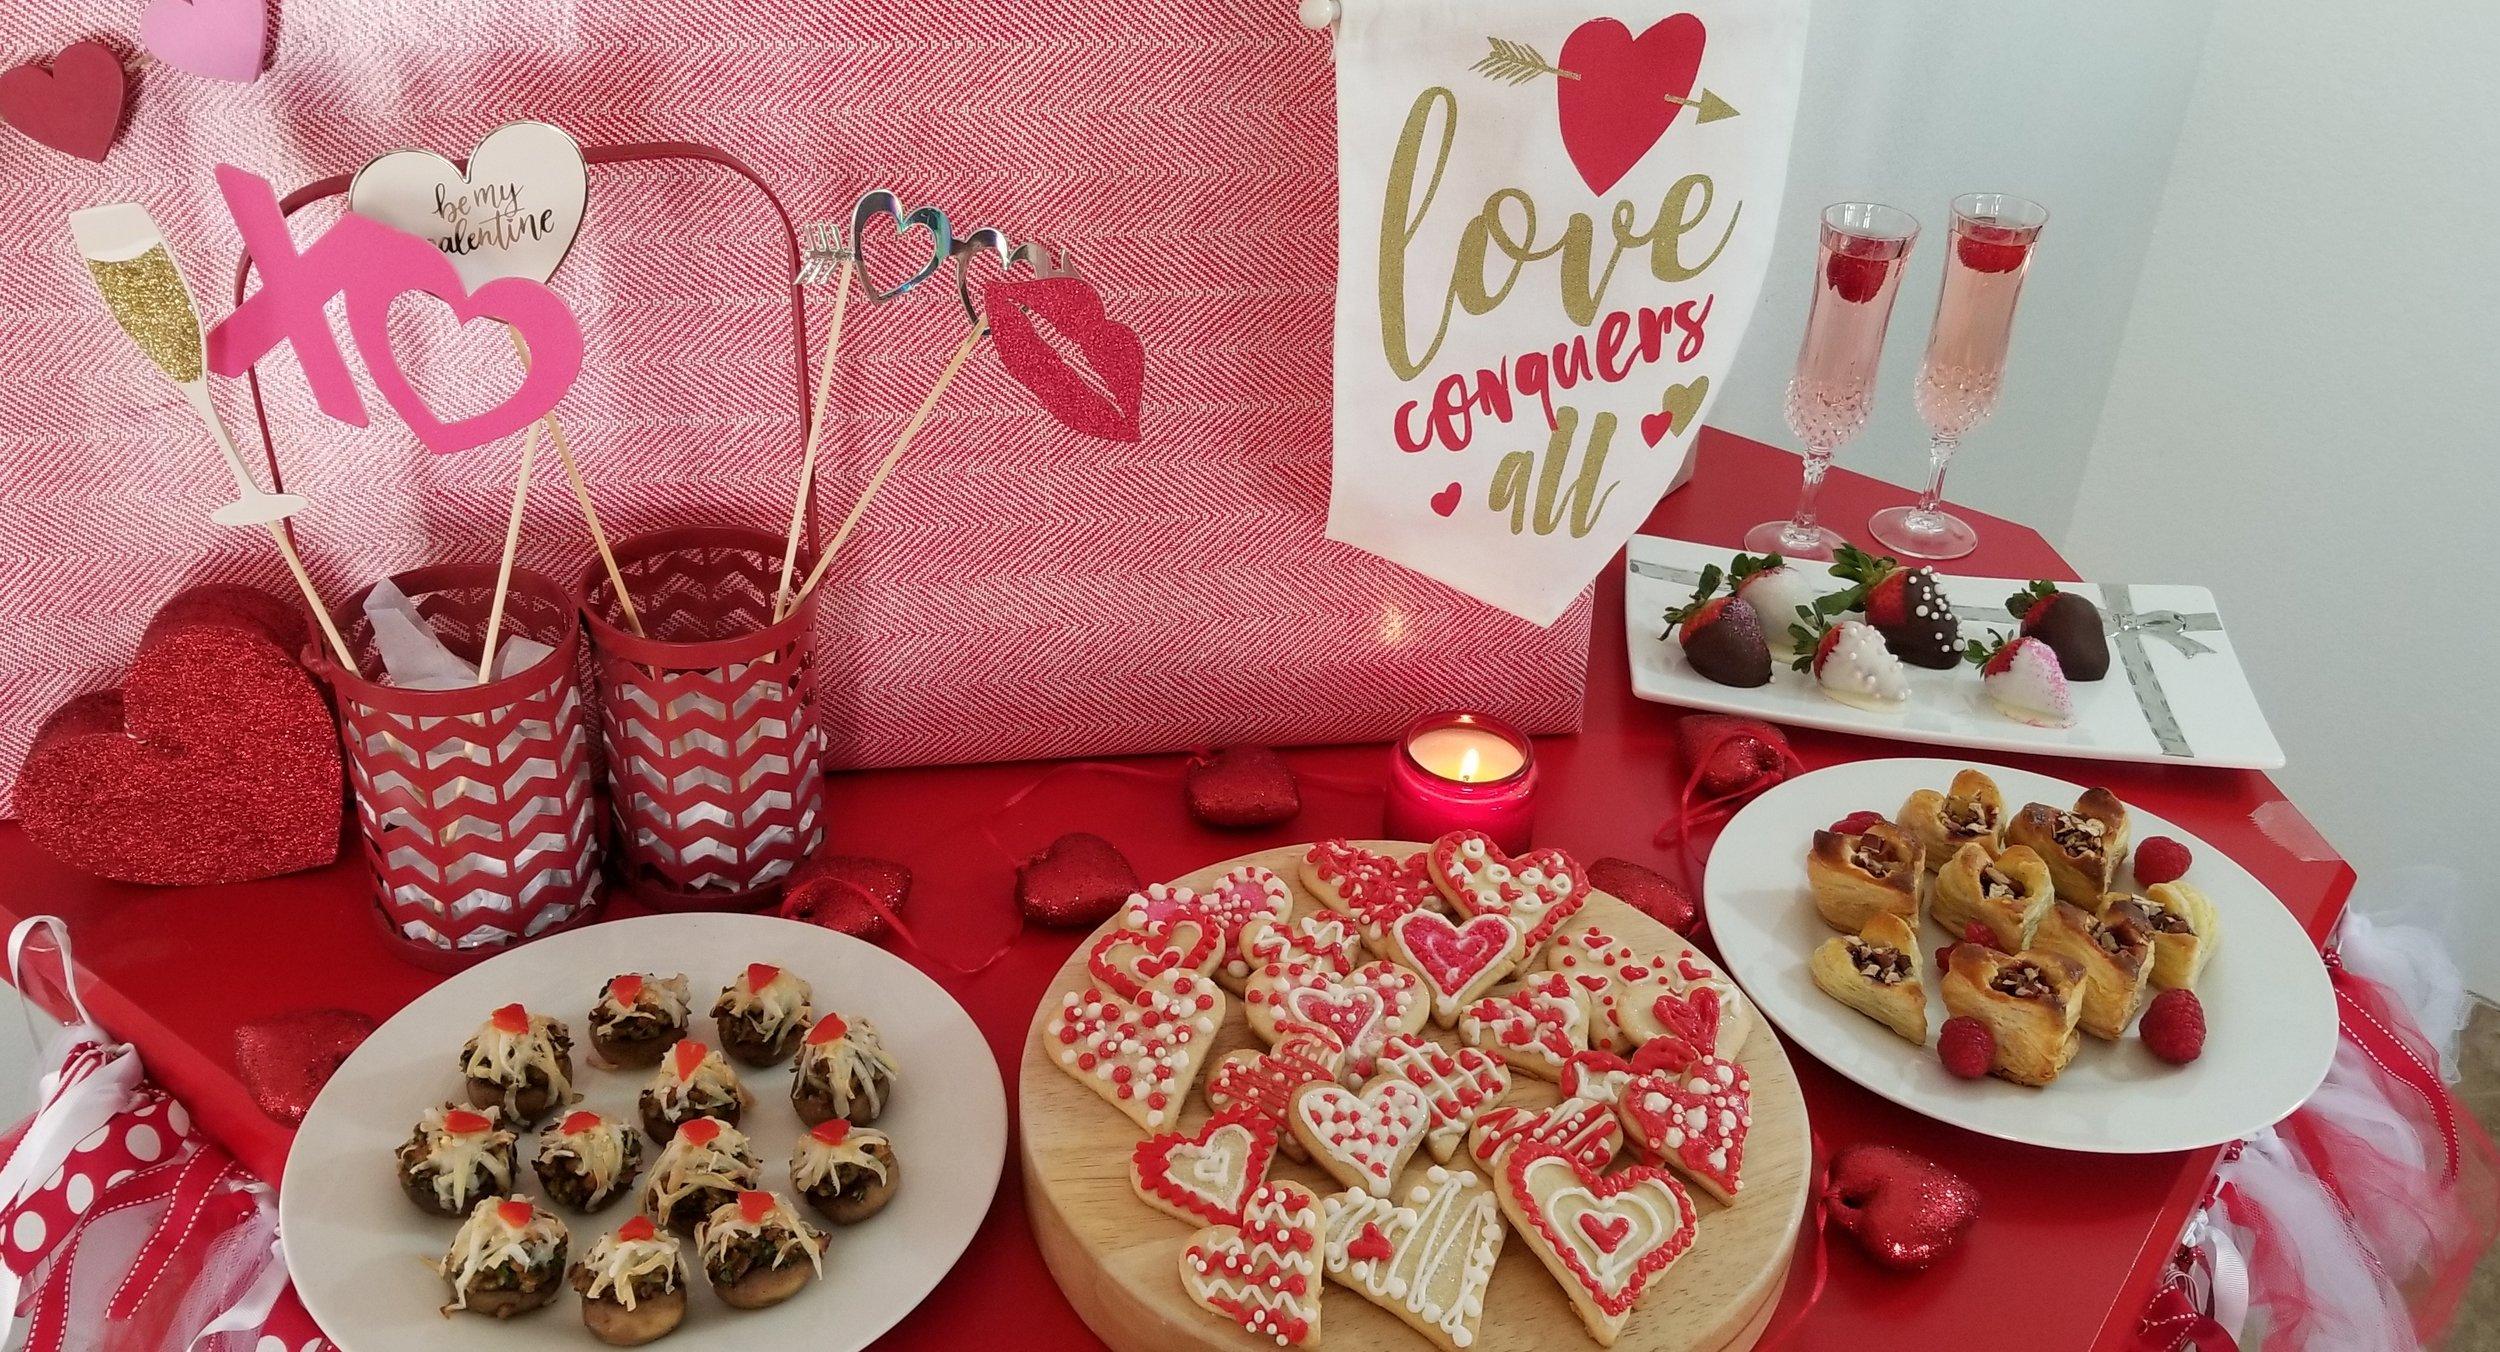 A LOVE feast!